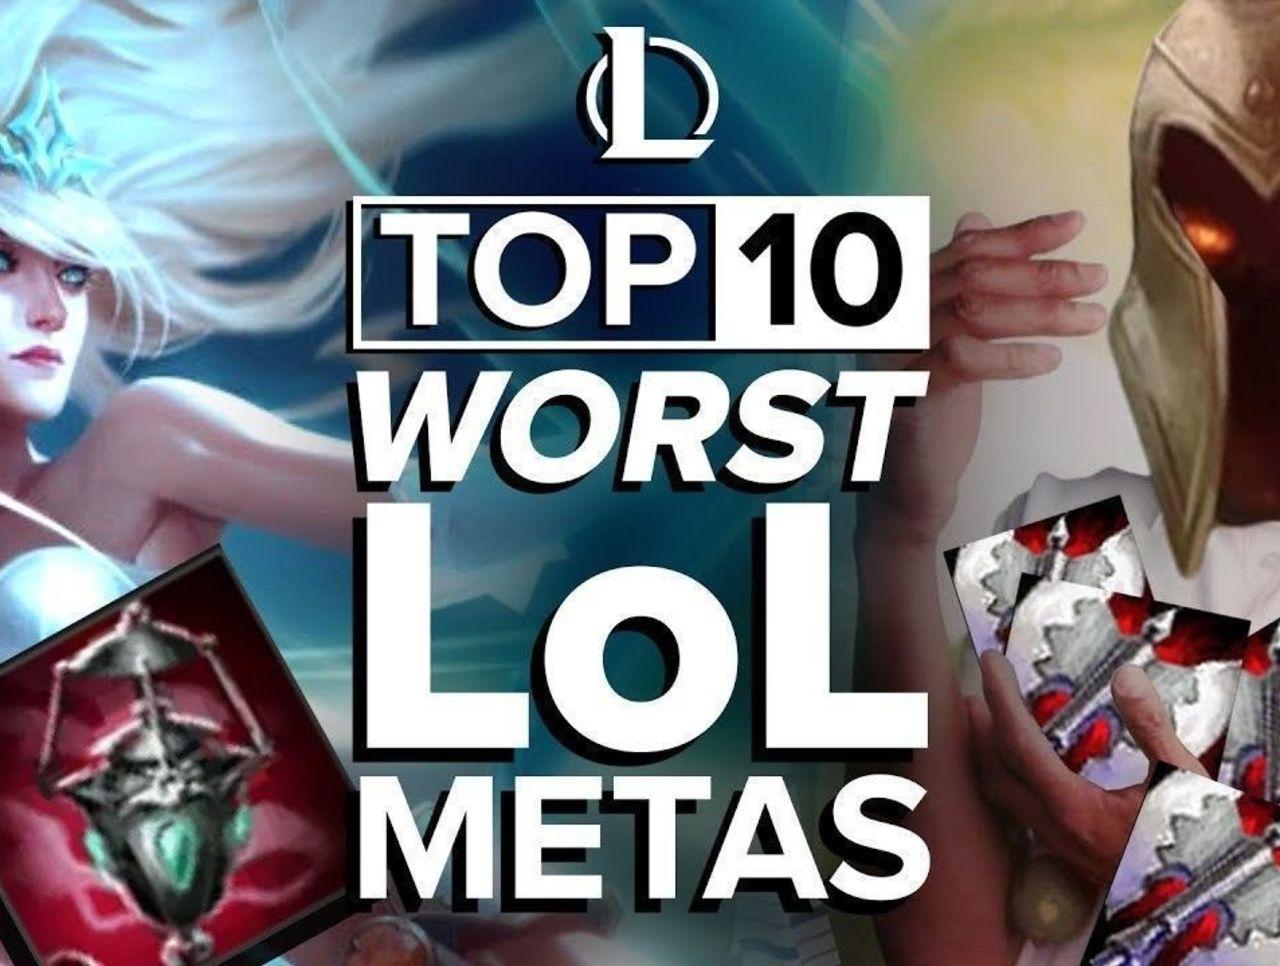 The Top 10 Worst League of Legends Metas